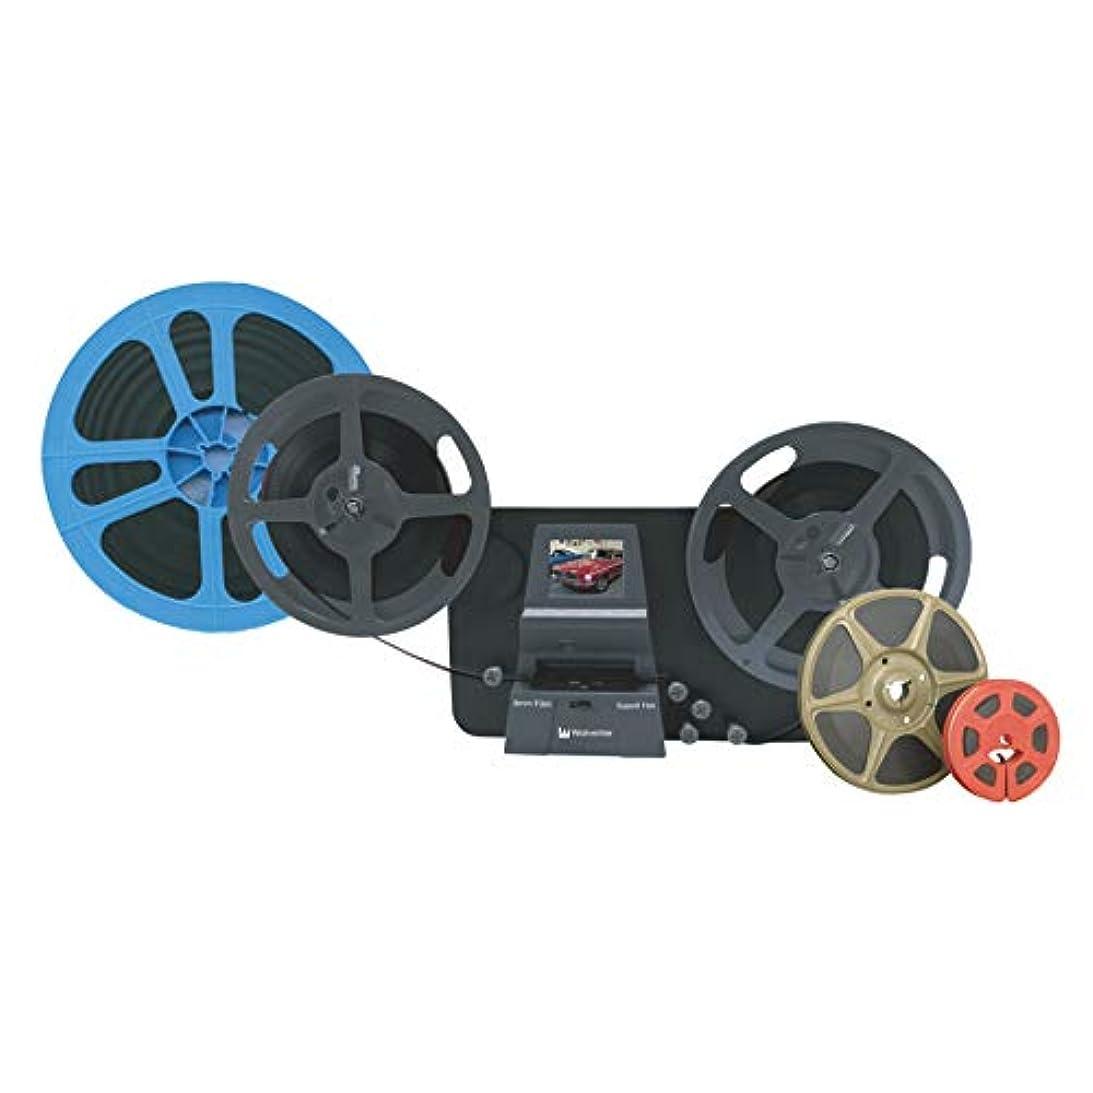 綺麗な称賛訪問Wolverine 8mm フィルムスキャナー デジタルムービーメーカー MM100PRO [ブラック] 8mmフィルム レギュラー8/スーパー8/シングル8 プロフィルムデジタルコンバーター